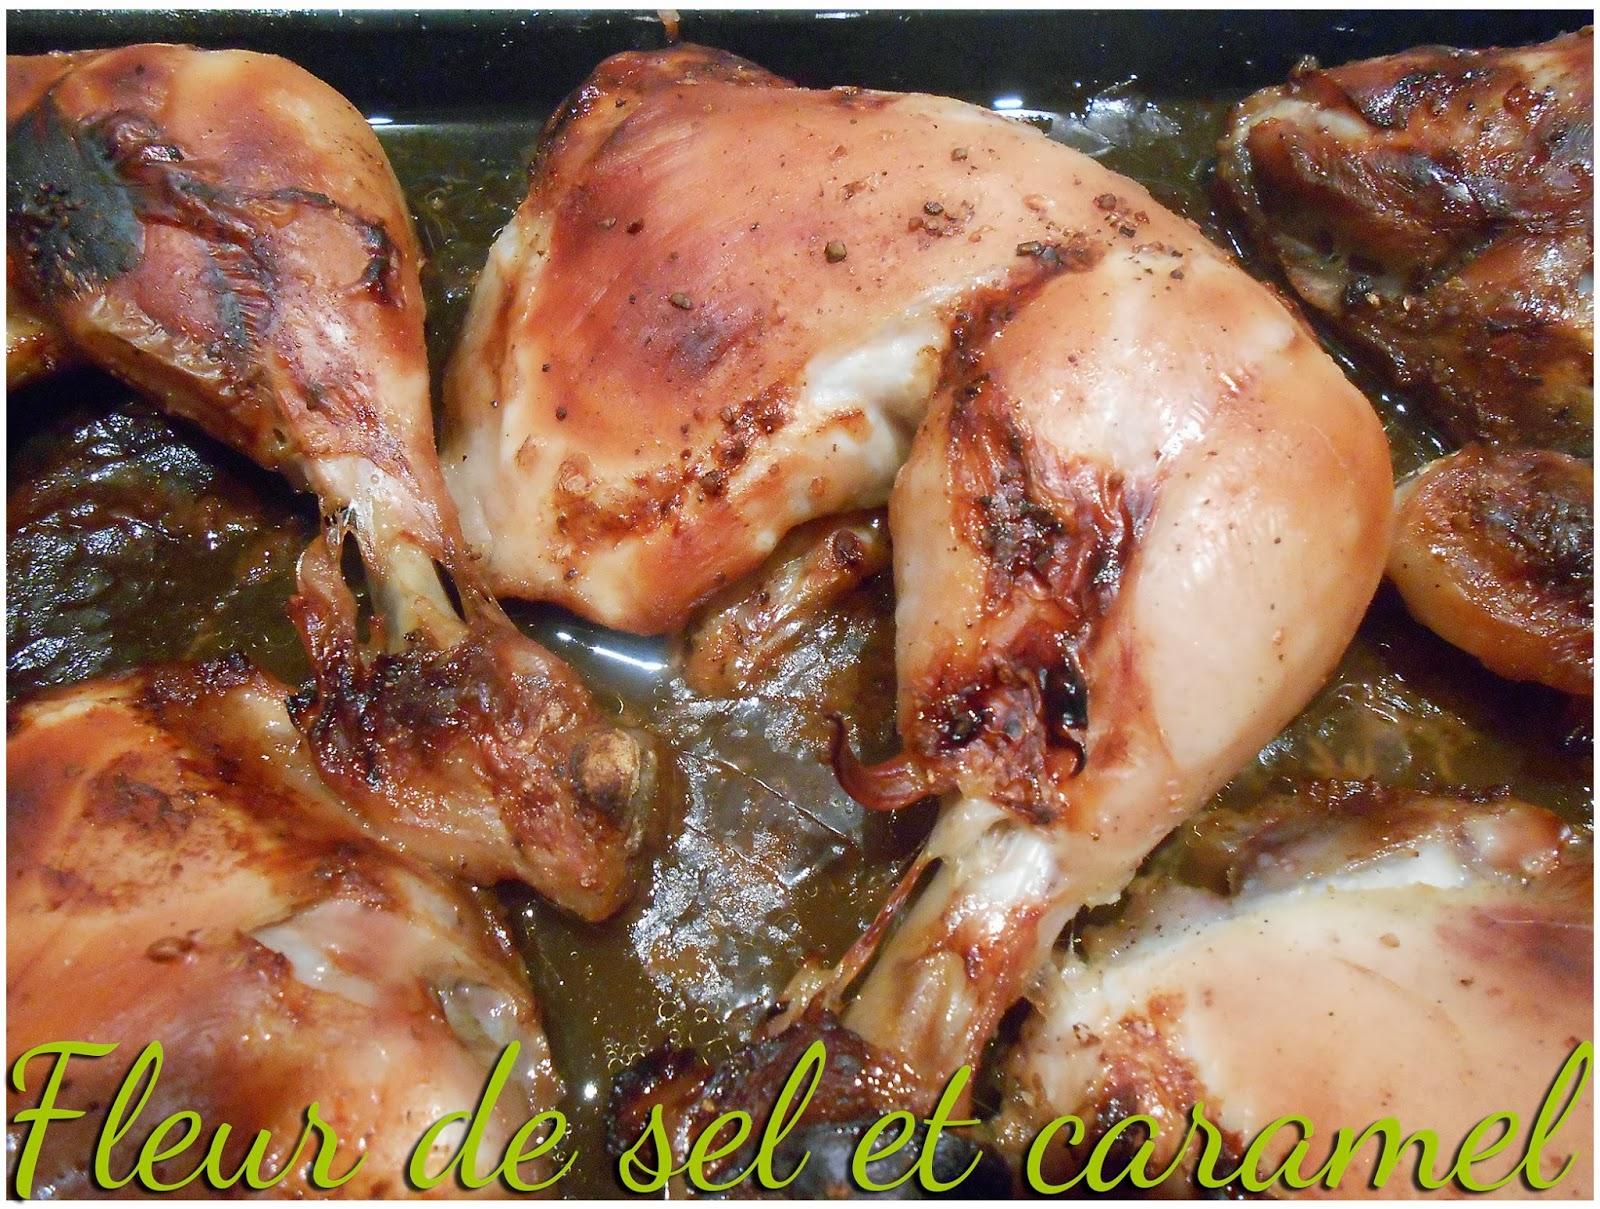 Fleur de sel et caramel cuisses de poulet marin es la - Cuisse de poulet calories ...